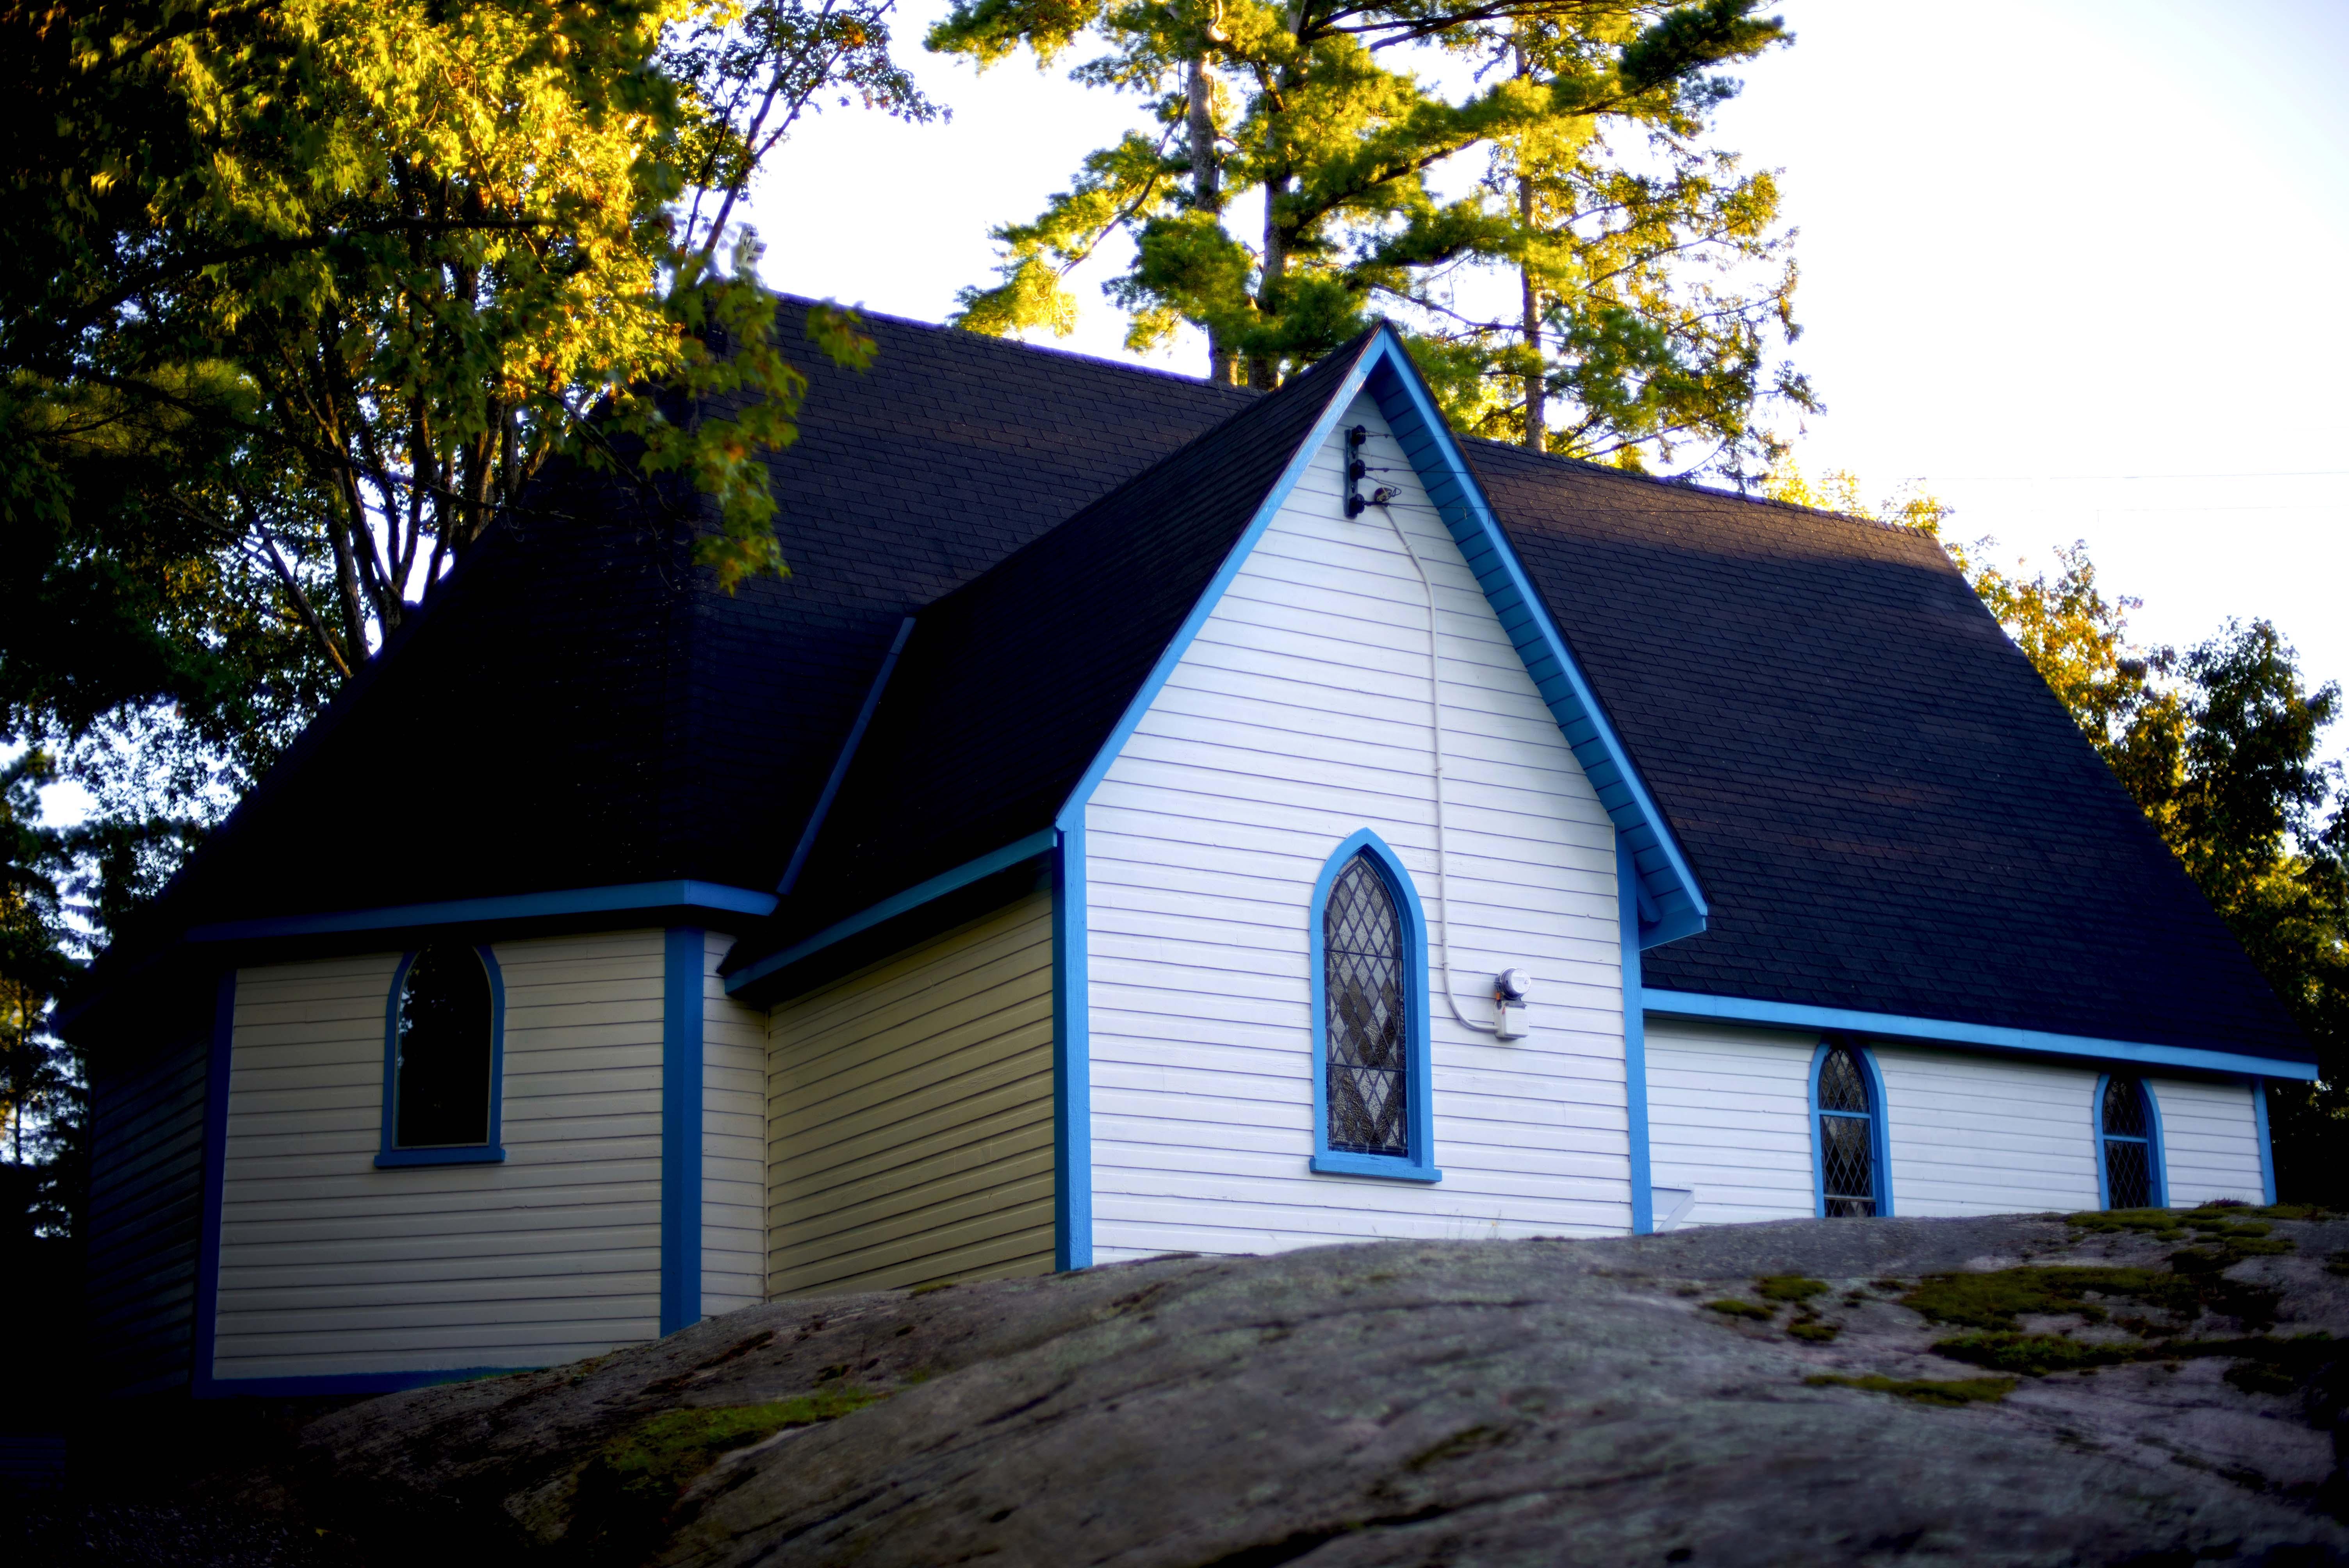 Muskoka church